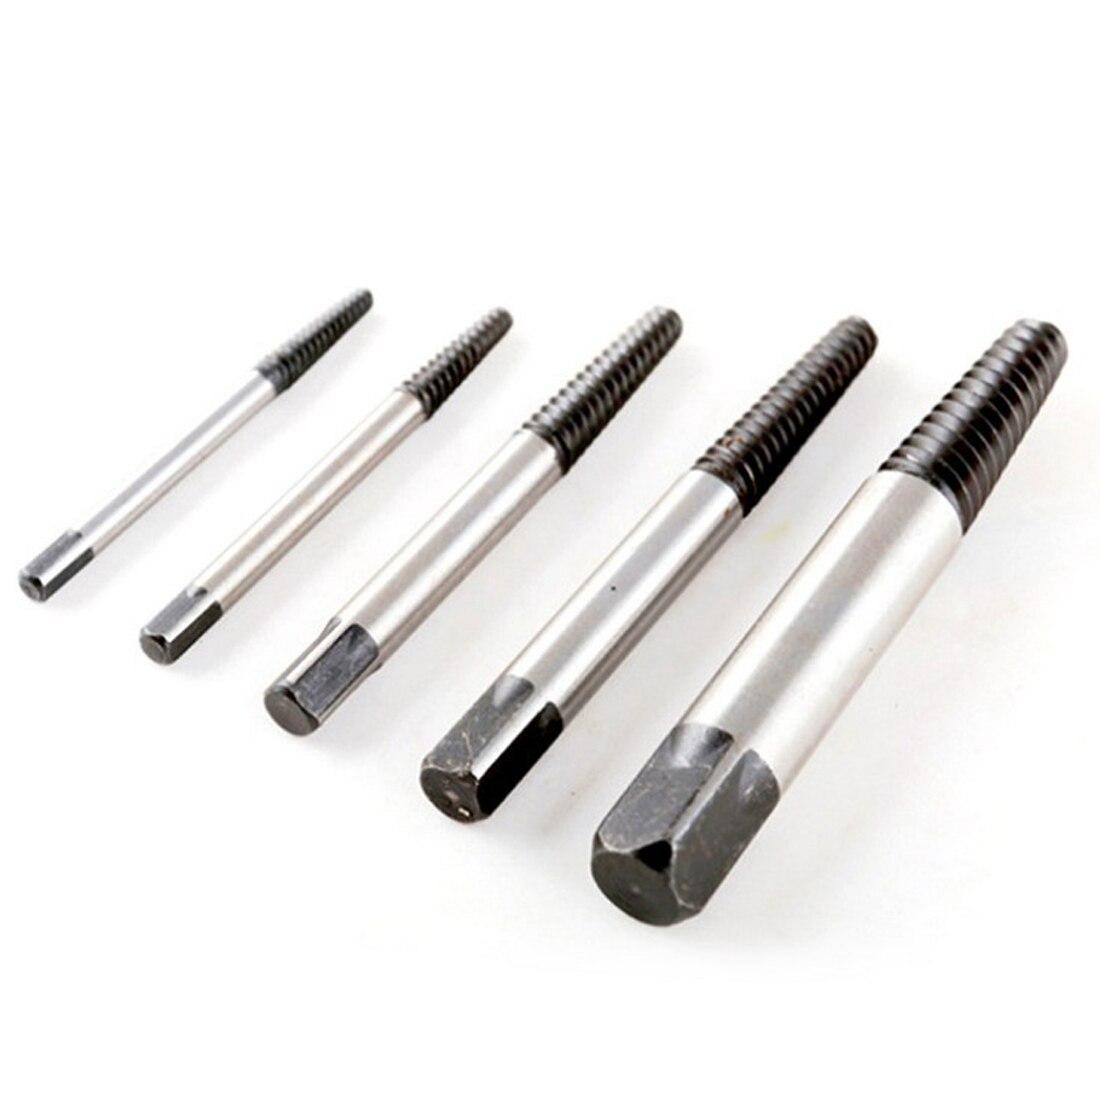 Extractor de tornillo dañado de velocidad rota 5 uds acero al carbono 3-18mm conjunto de guía de broca tornillo roto extractor tornillo móvil